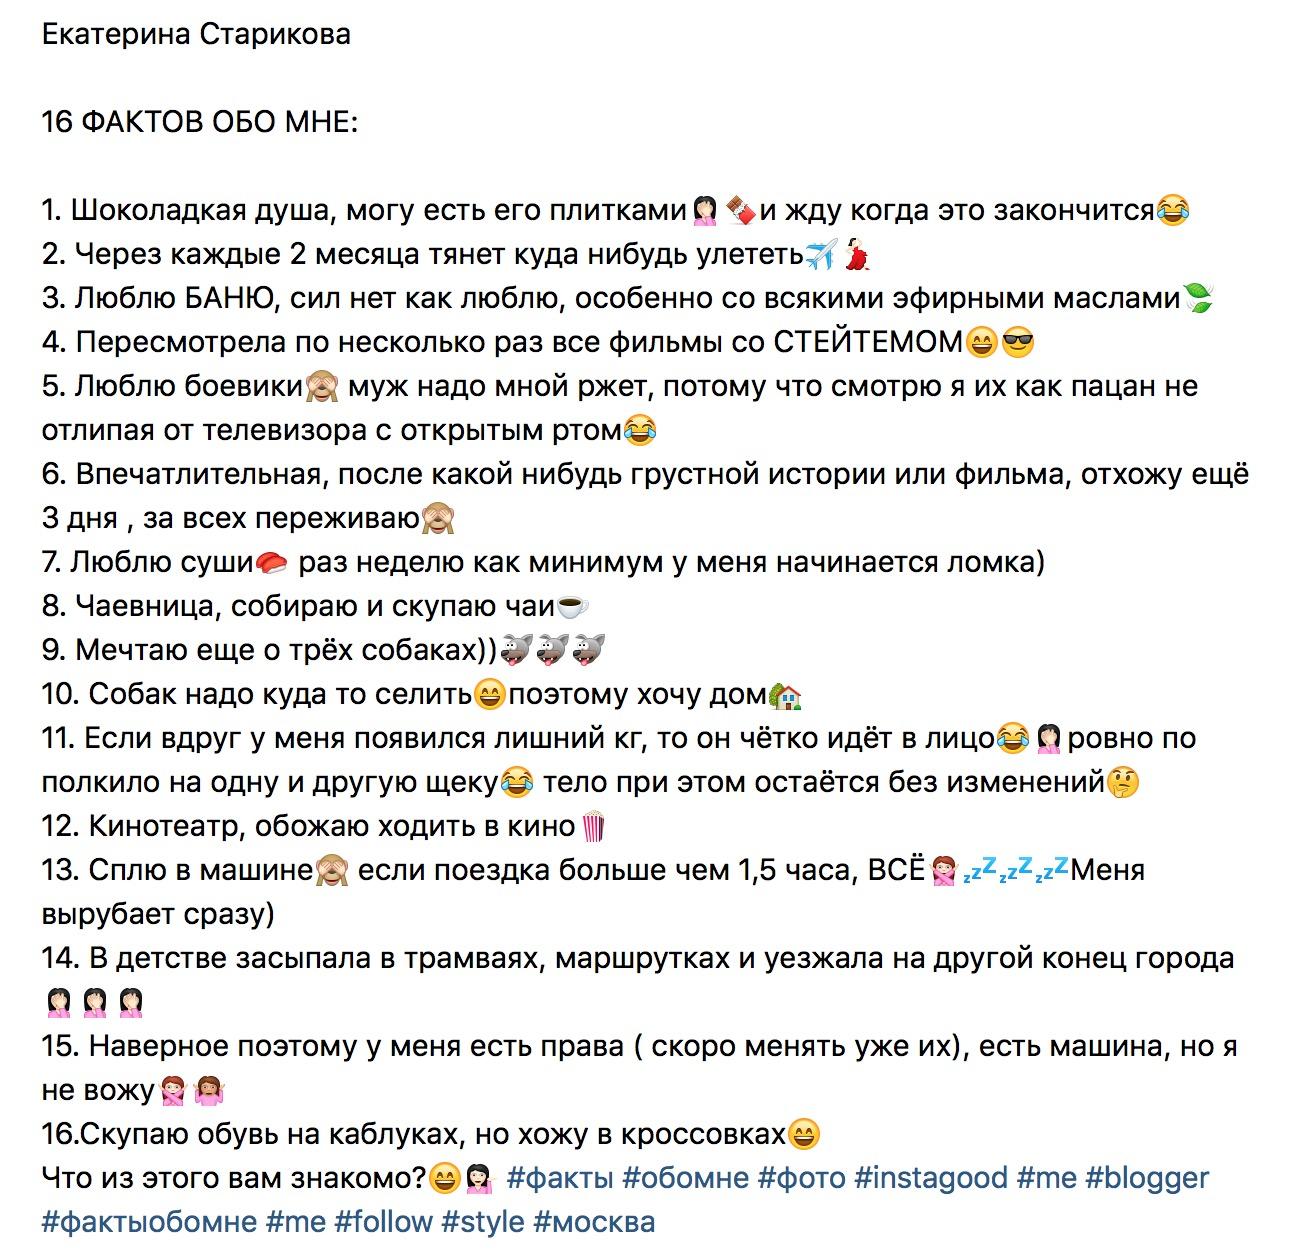 16 фактов о Екатерине Стариковой